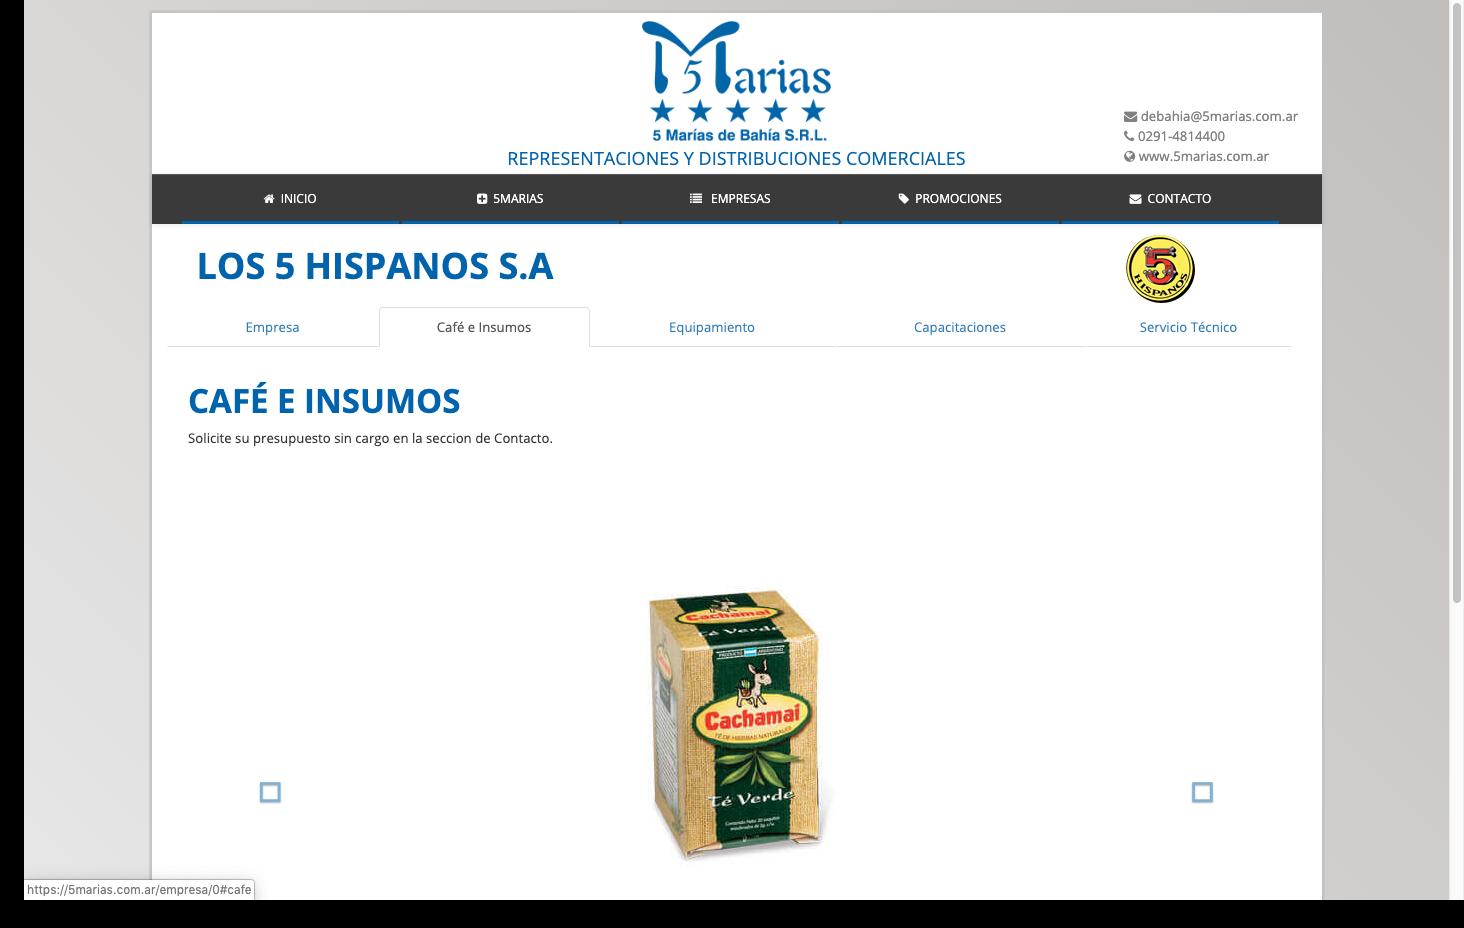 5marias.com.ar